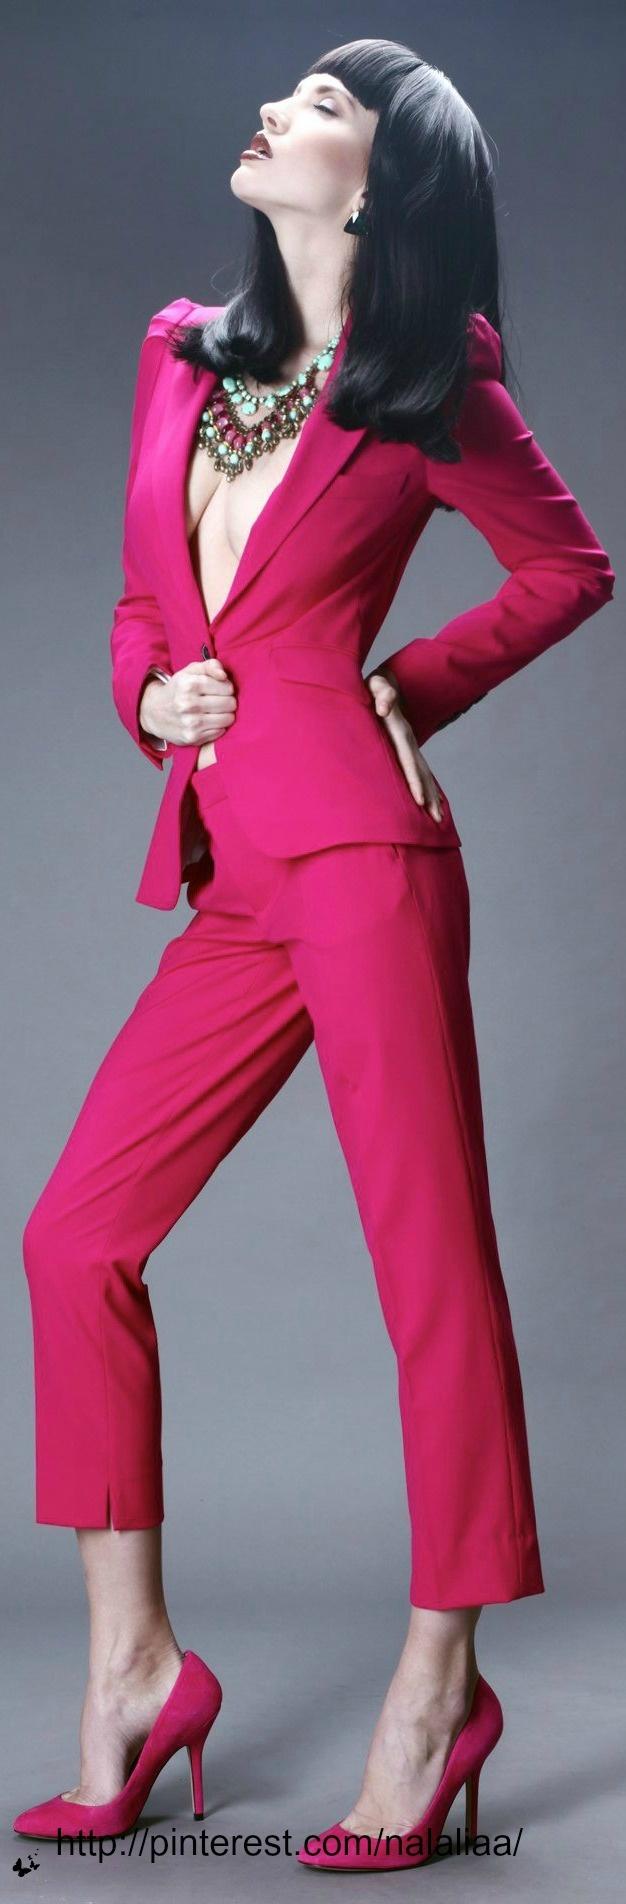 W/Camisole Hot Pink Capri Suit. Ketting af, blouse onder het jasje. Mooie kleur roze voor het lichte wintertype (W1).